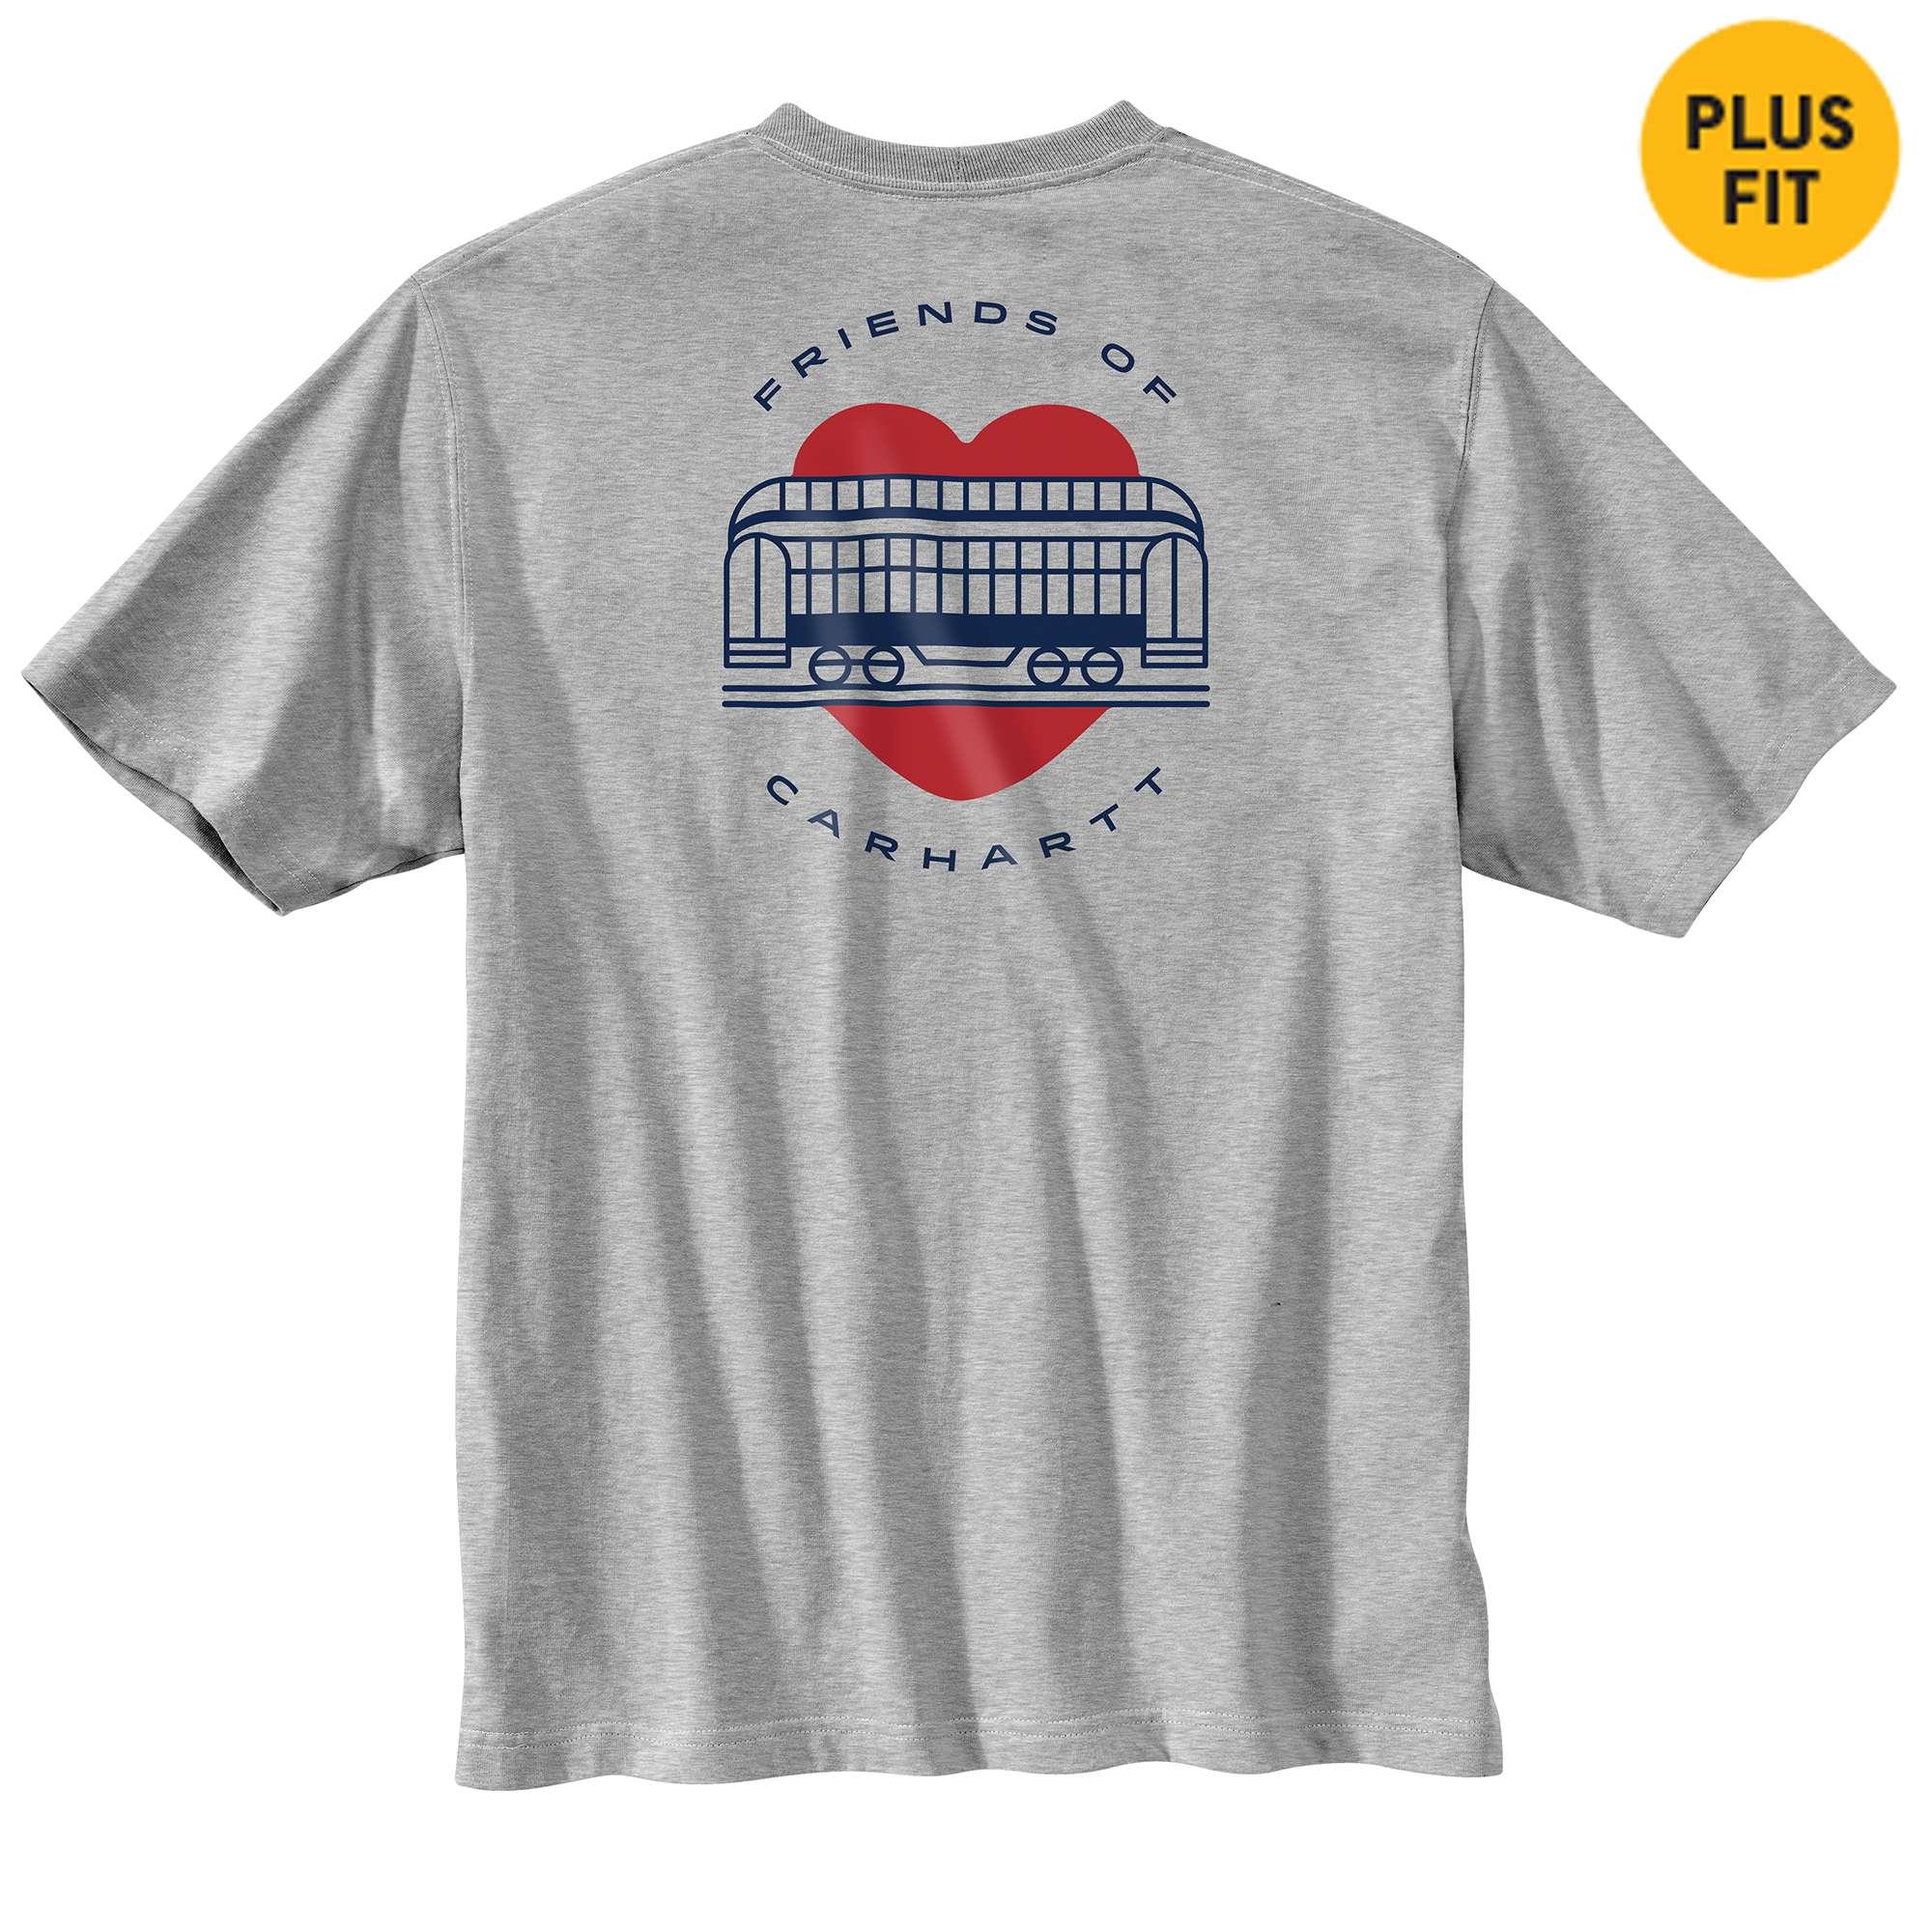 Loose Fit Heavyweight Short-Sleeve Pocket Friends of Carhartt T-Shirt